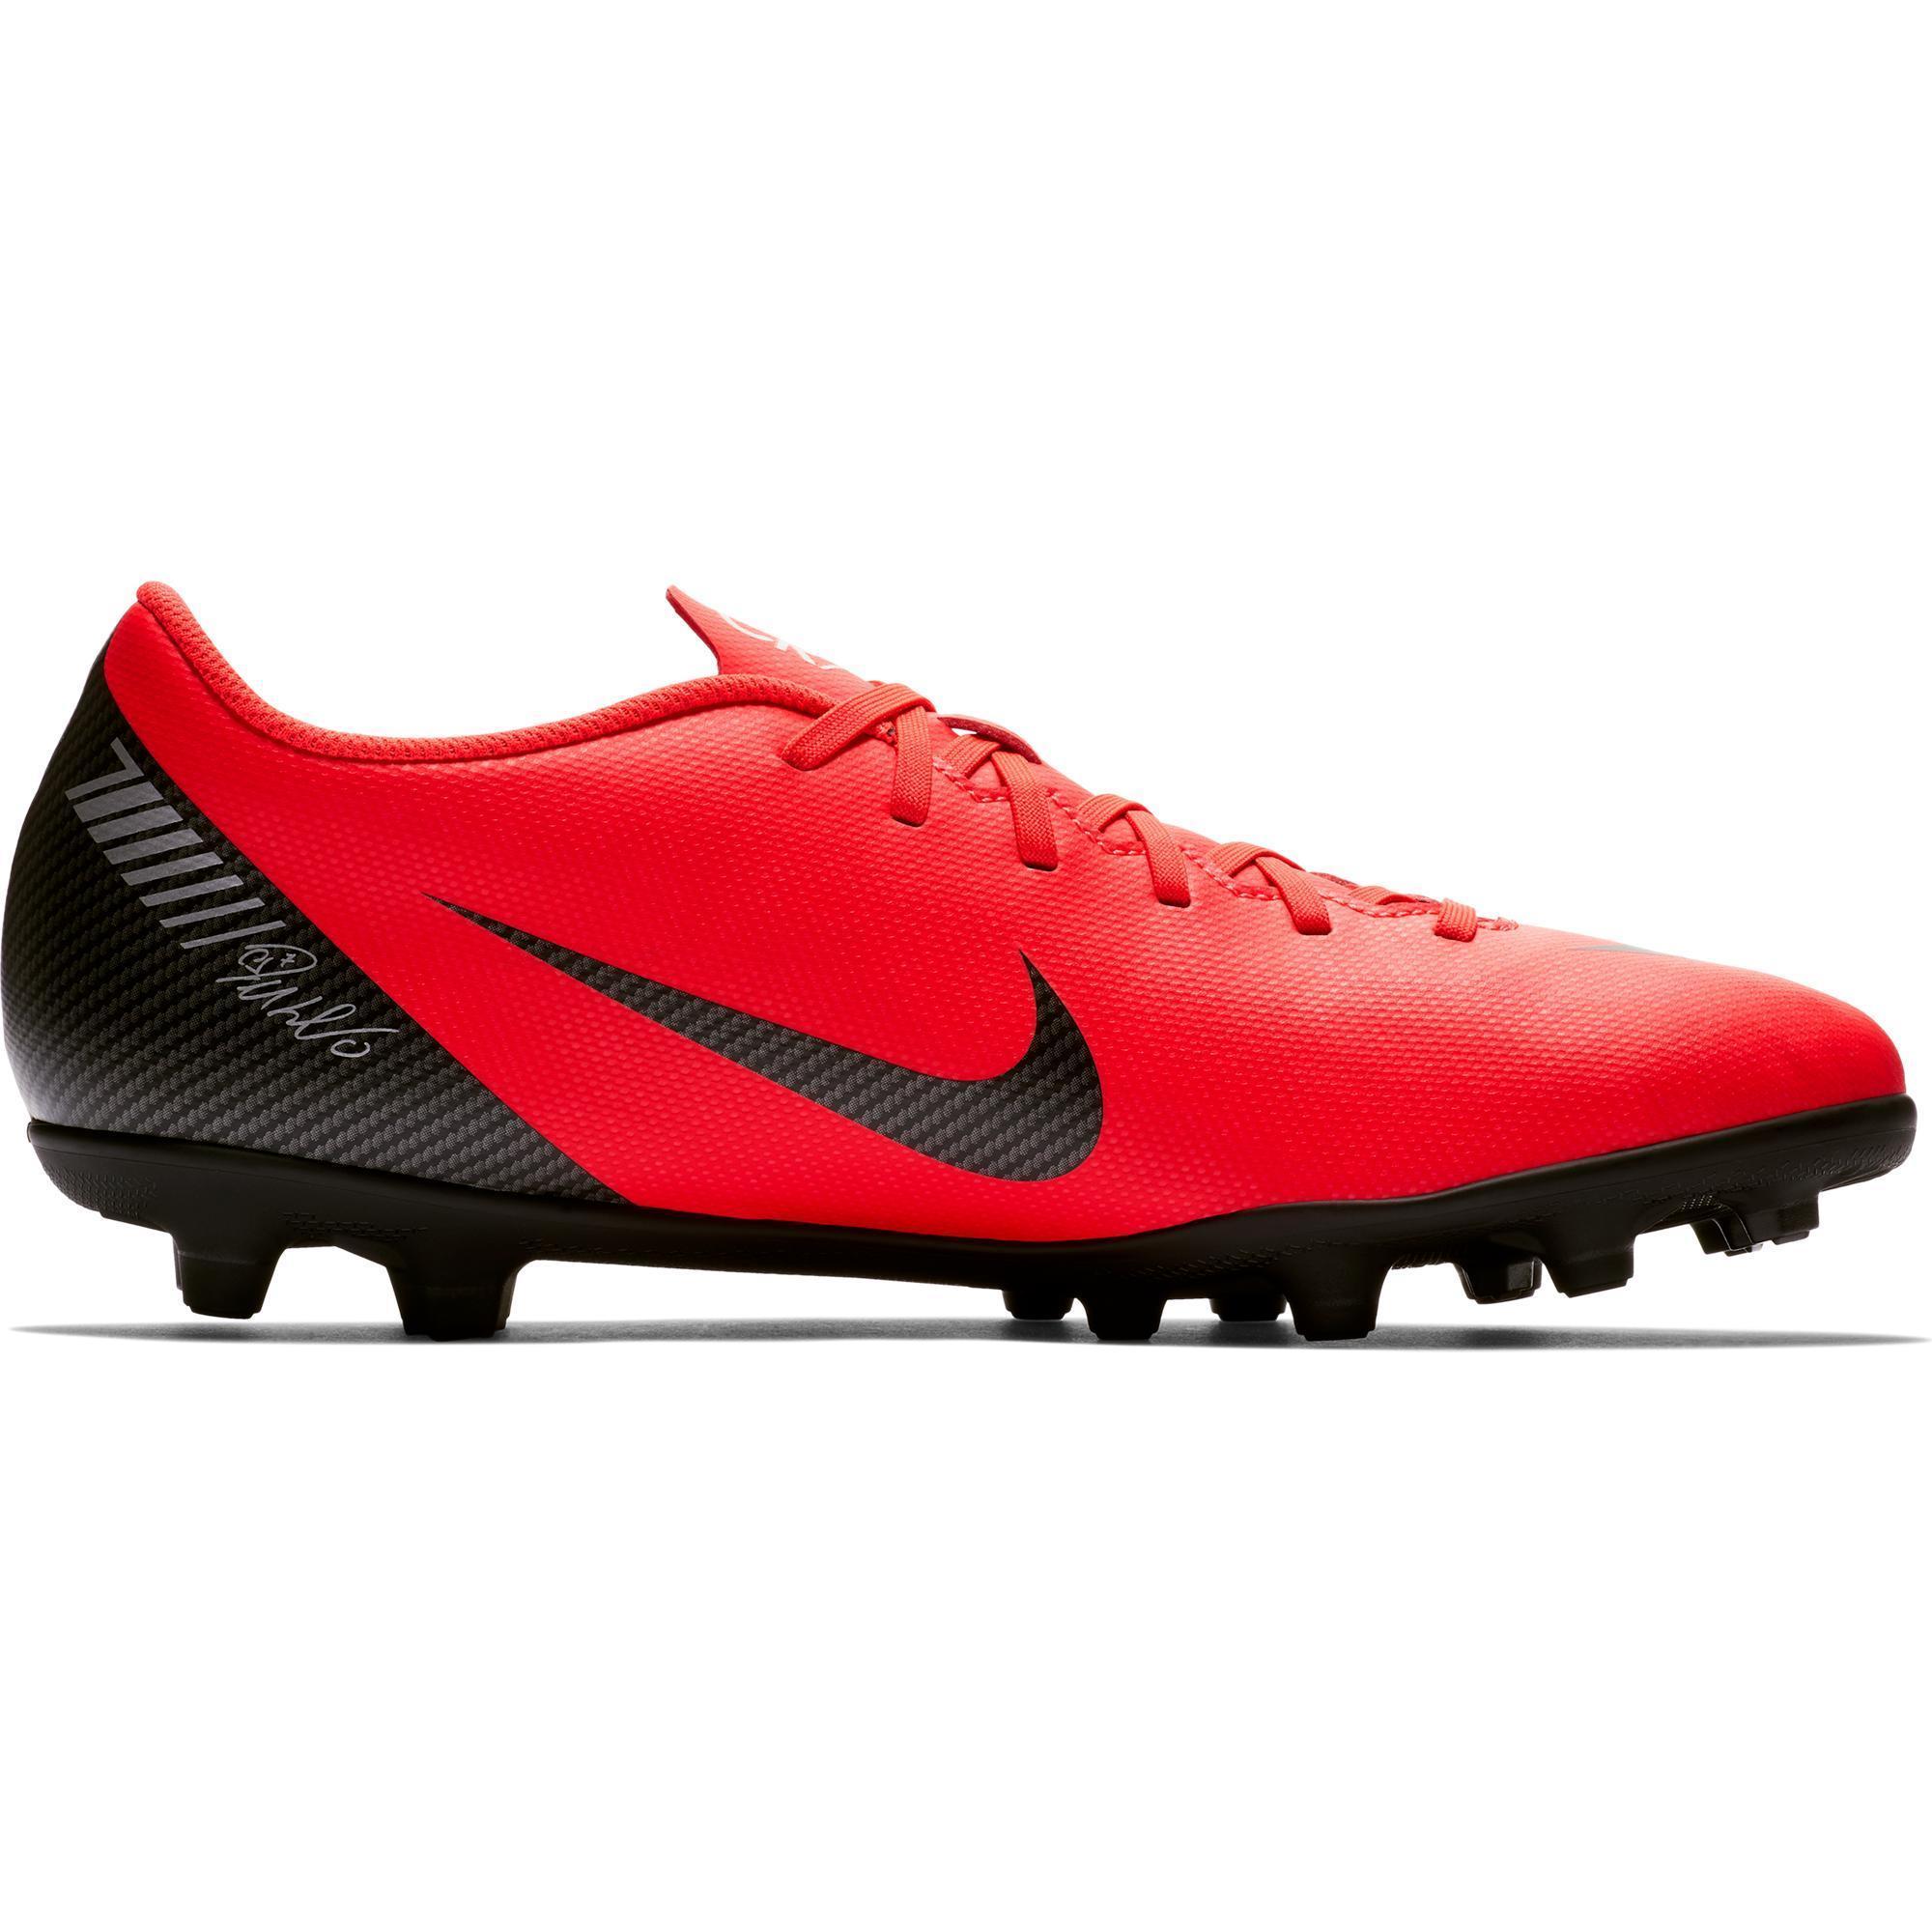 Comprar Botas de Fútbol Adultos y Zapatillas  c2513a338a955